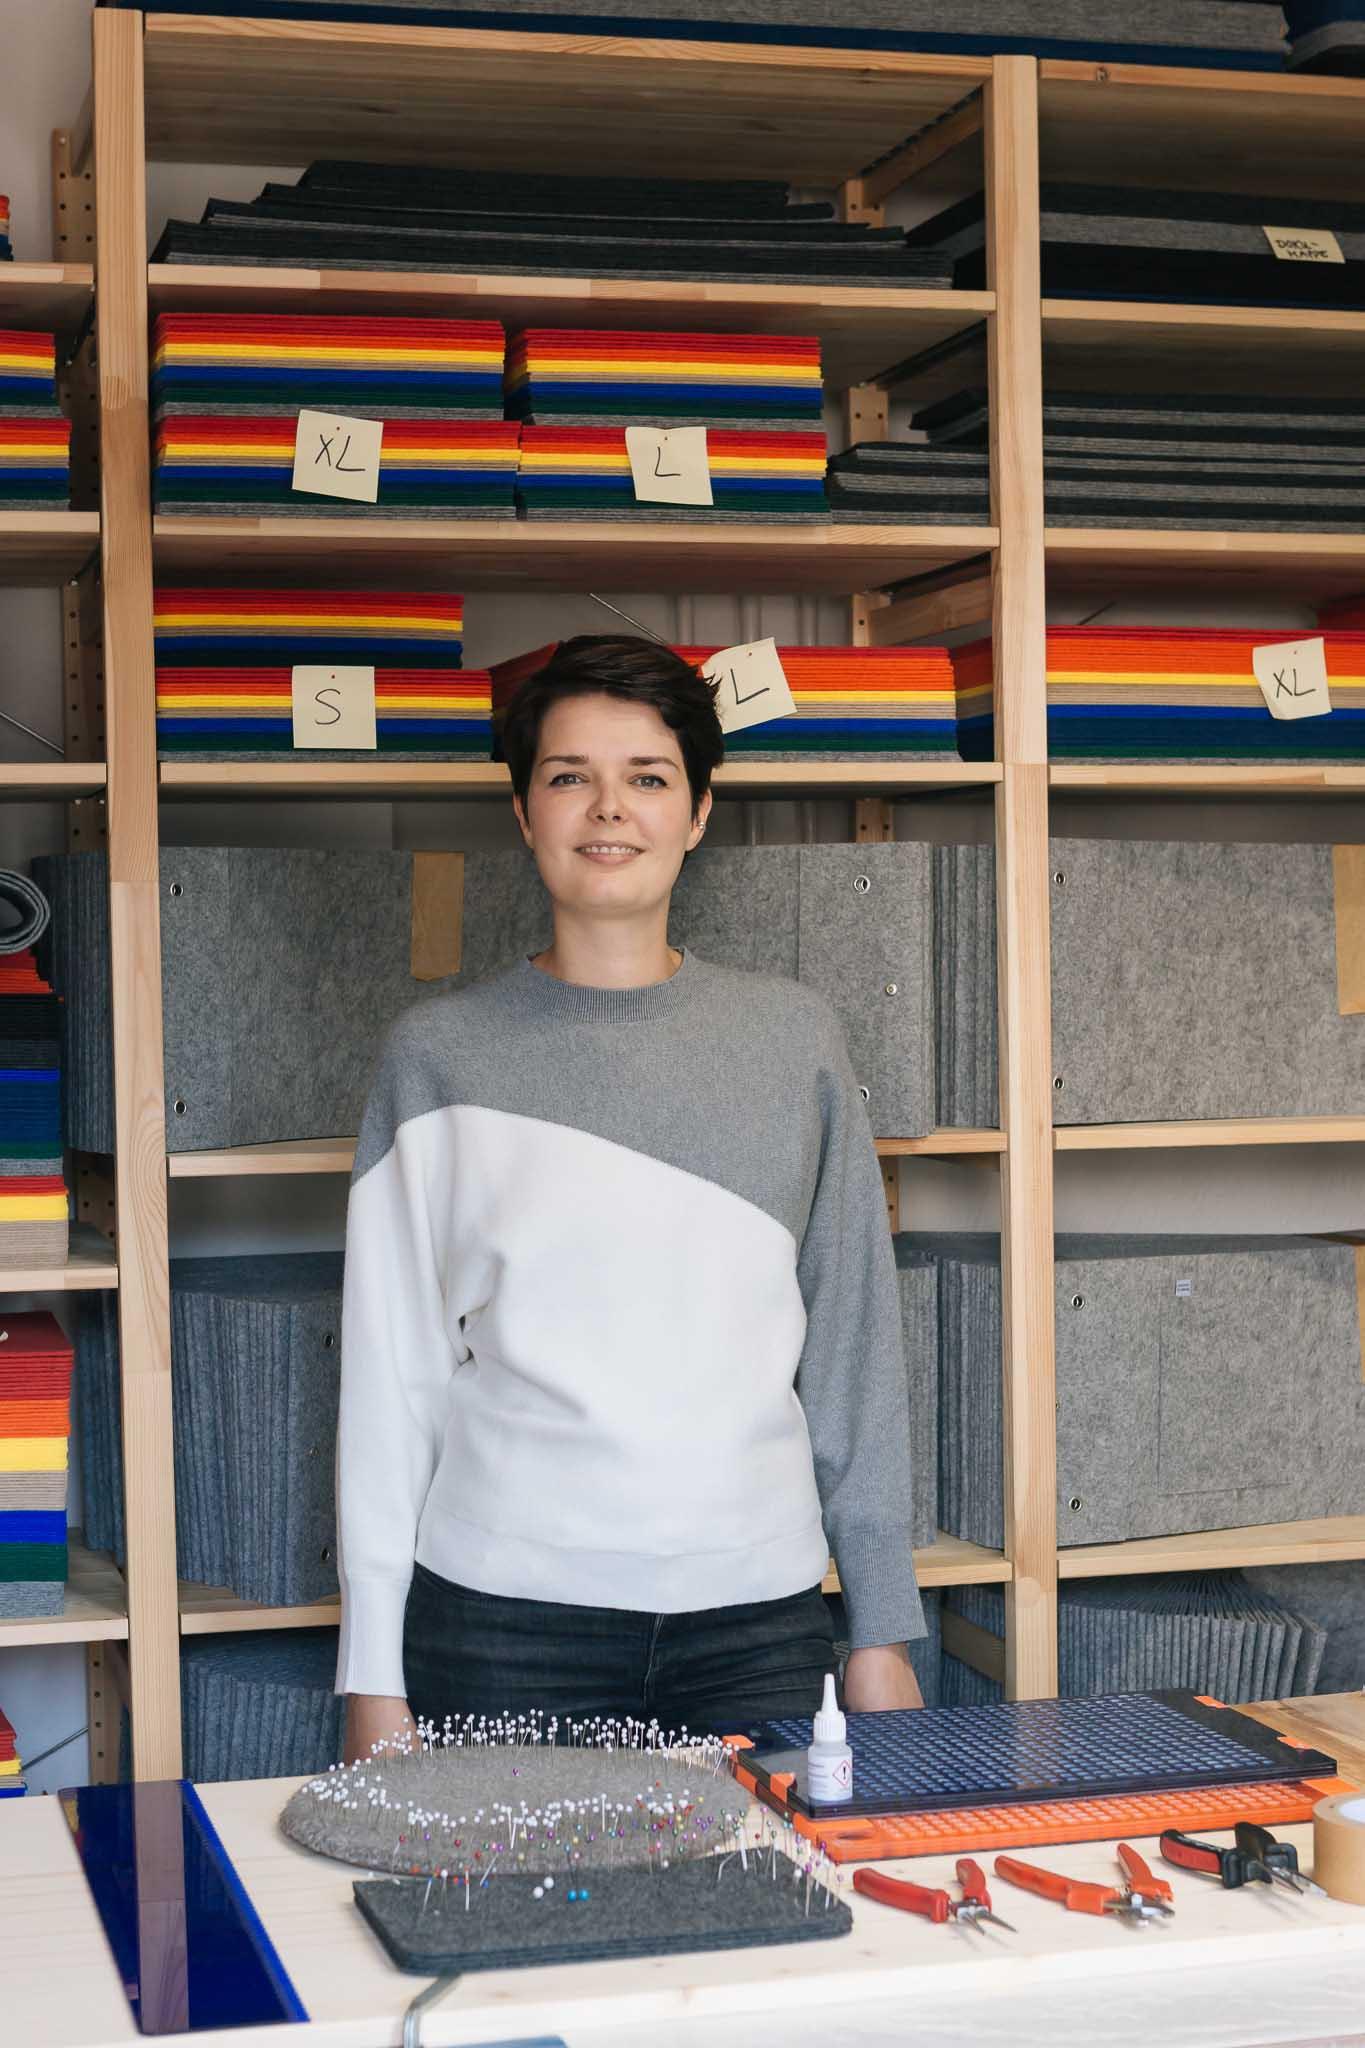 RÅVARE-Chefin Jenny Ullmann hat ihre persönliche Vorliebe für Struktur erfolgreich auf die Produktionsprozesse übertragen.